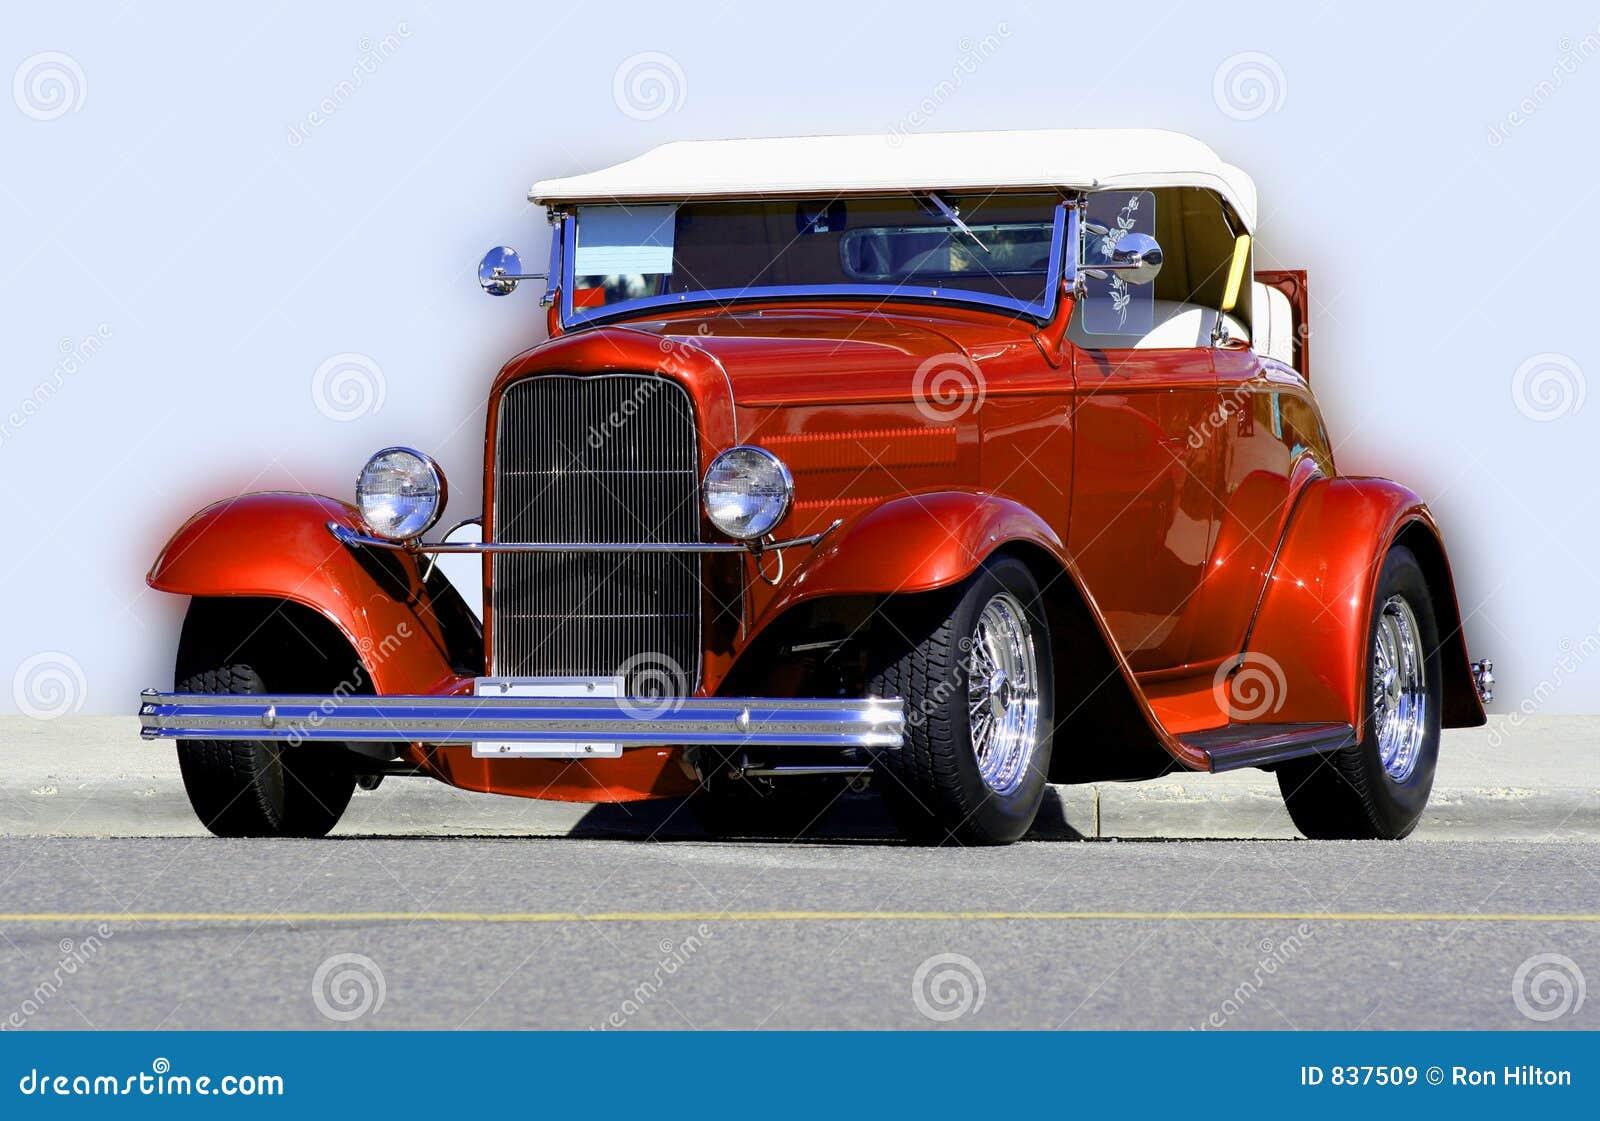 Hot rod vintage